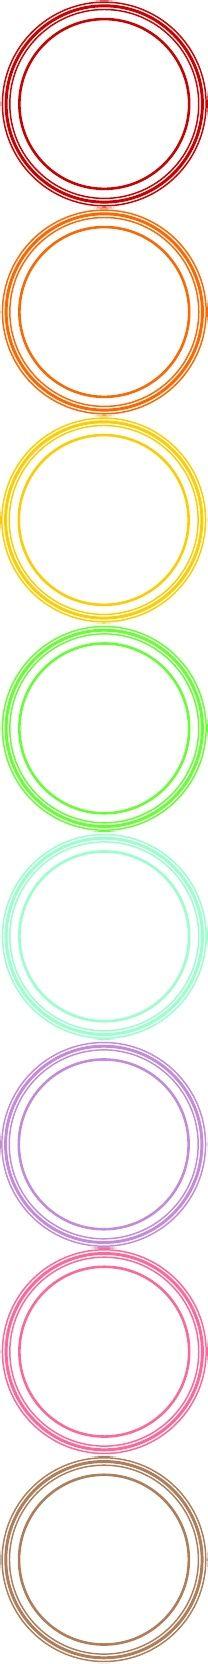 #printables labels printable labels, tag, circl label, printabl label